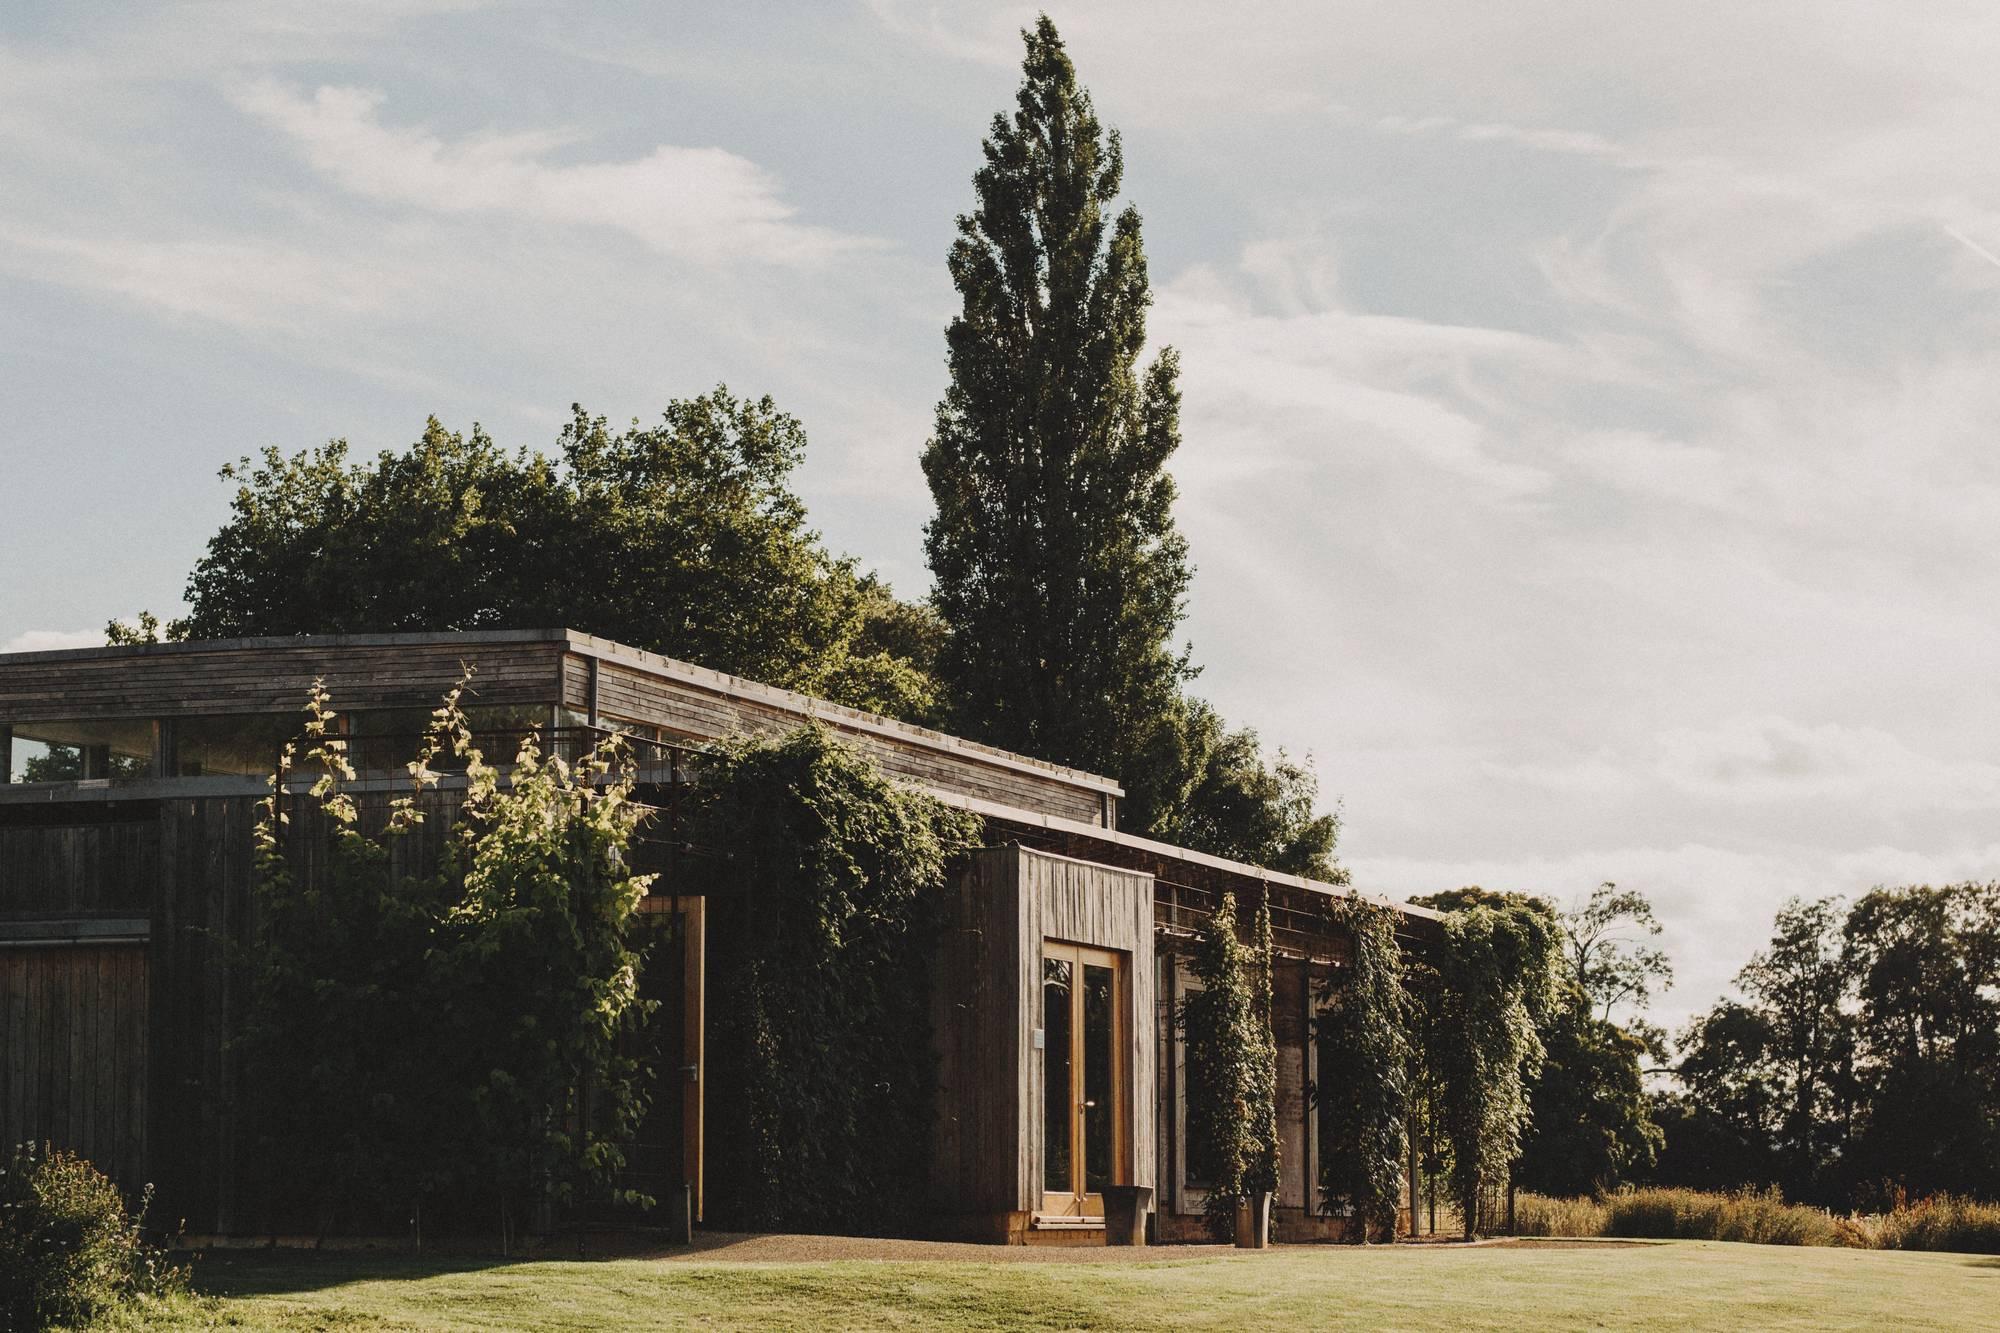 elmore court barn